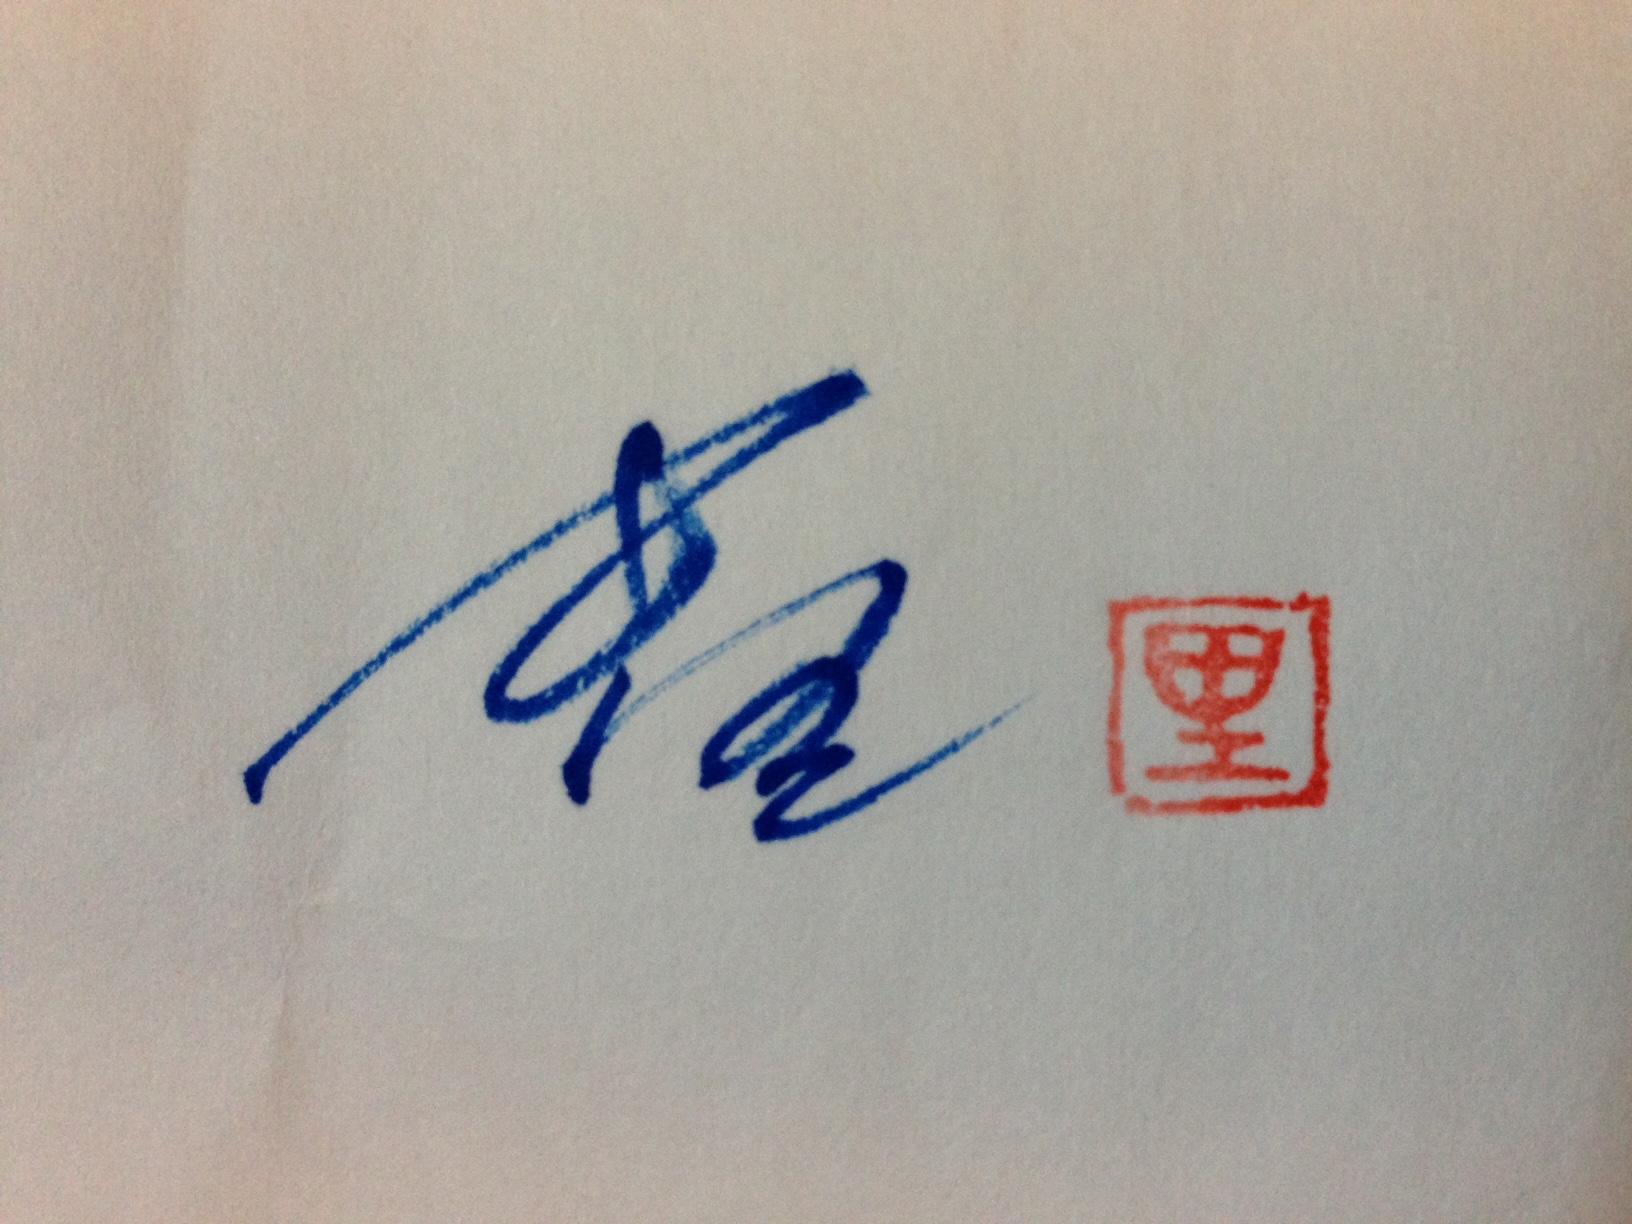 Eri's Signature